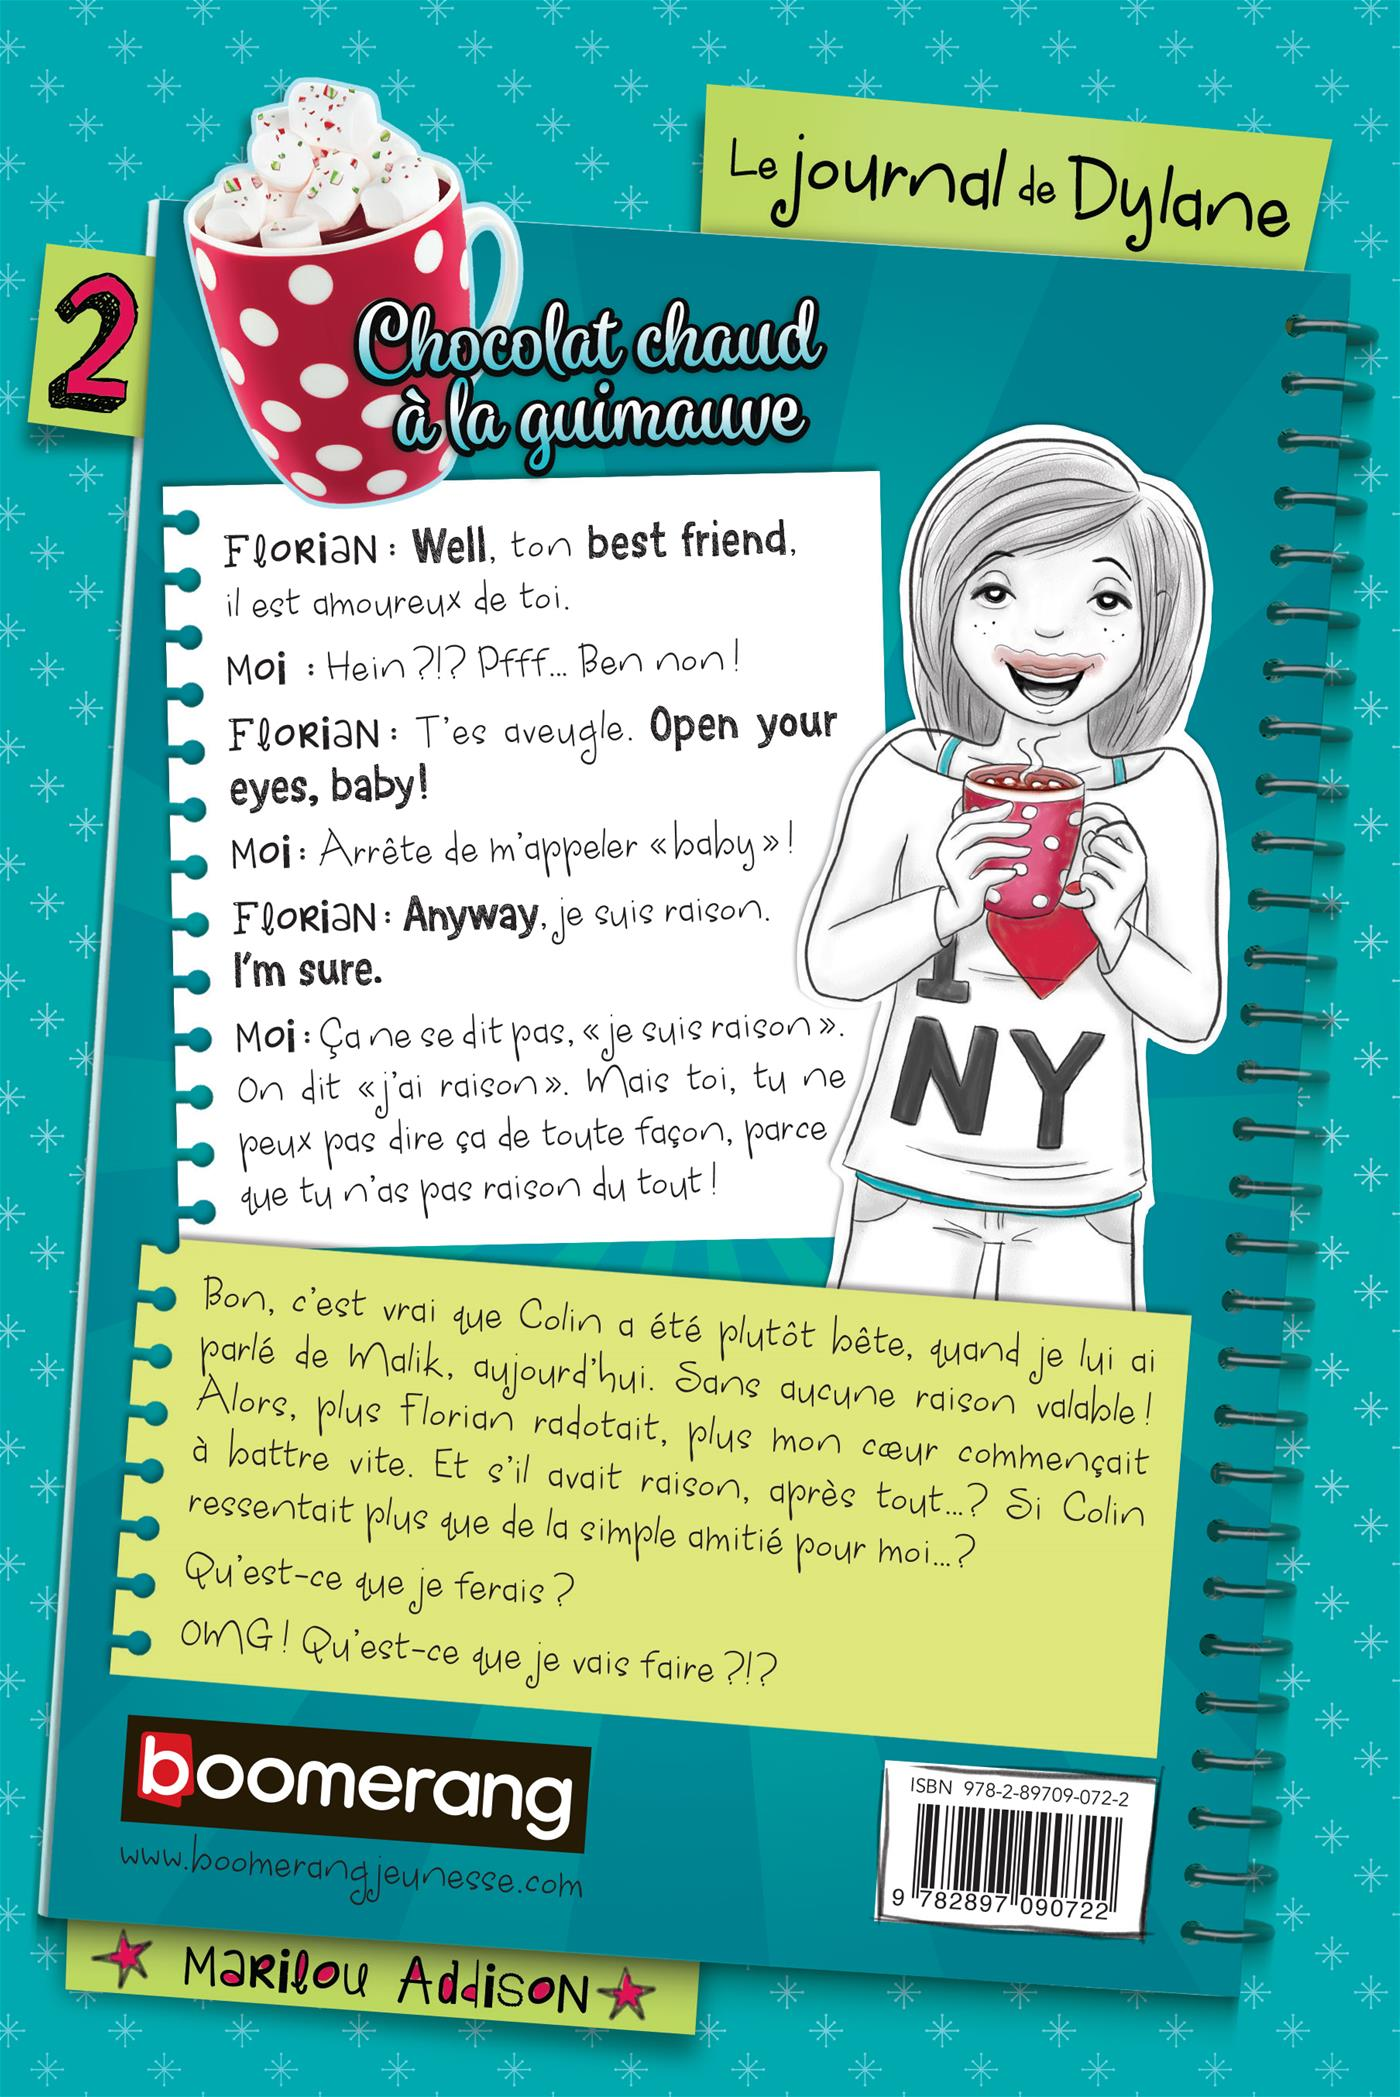 Livre chocolat chaud la guimauve n 2 messageries adp for Le journal de la